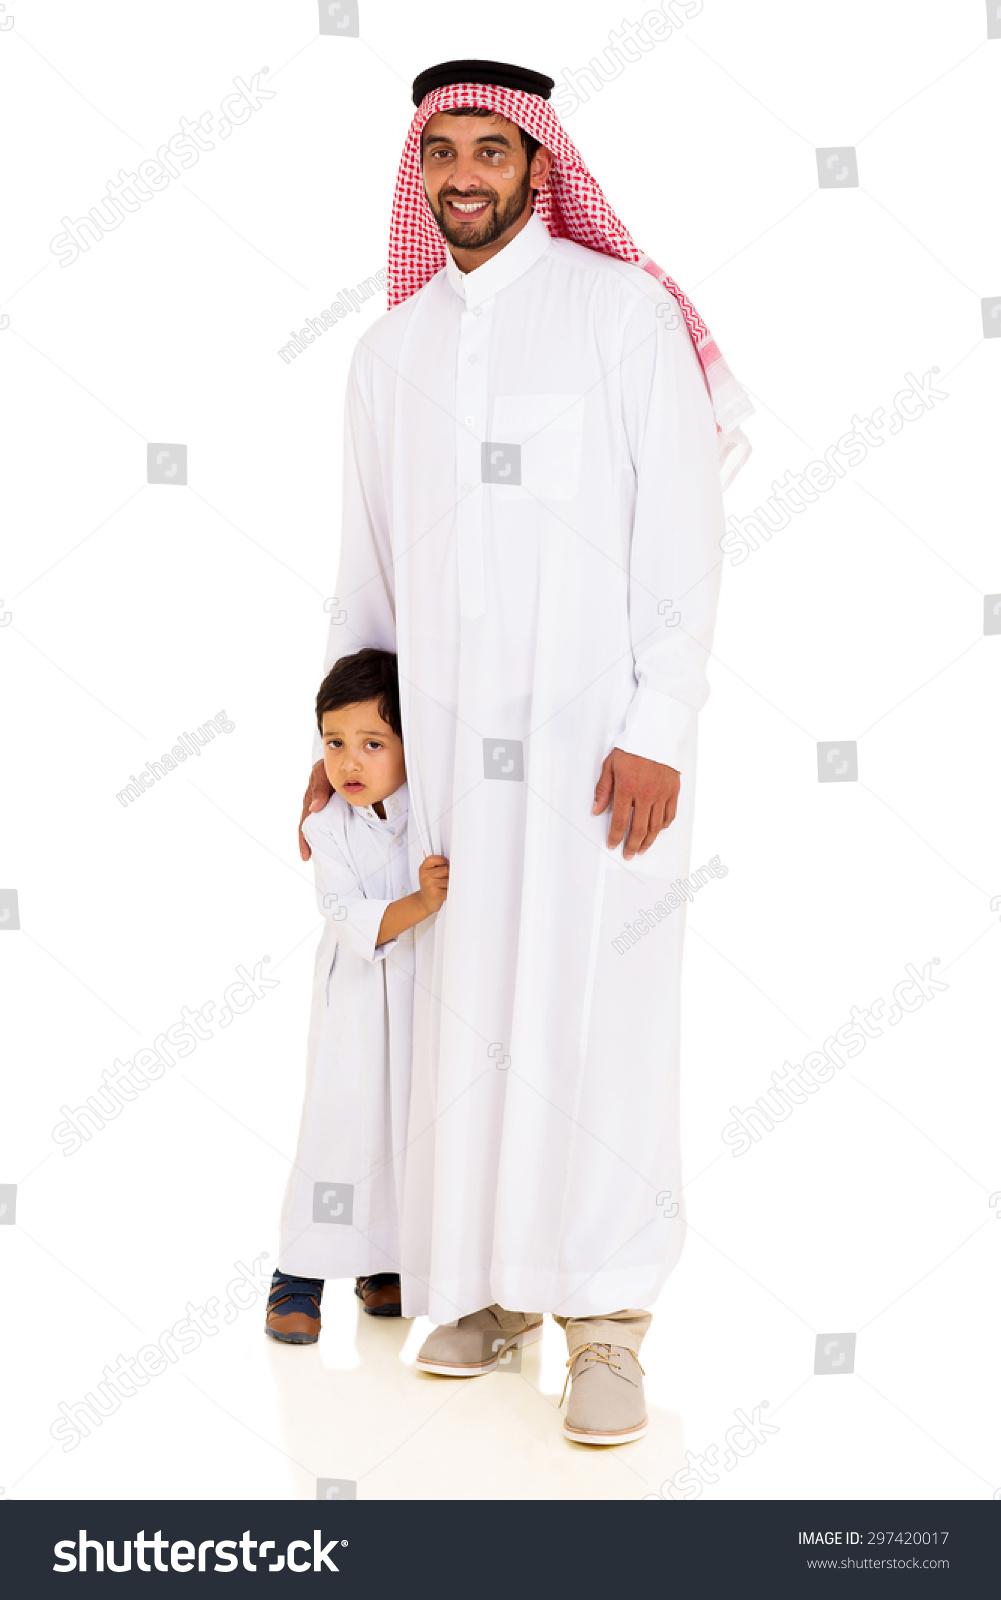 Is employee stock options halal